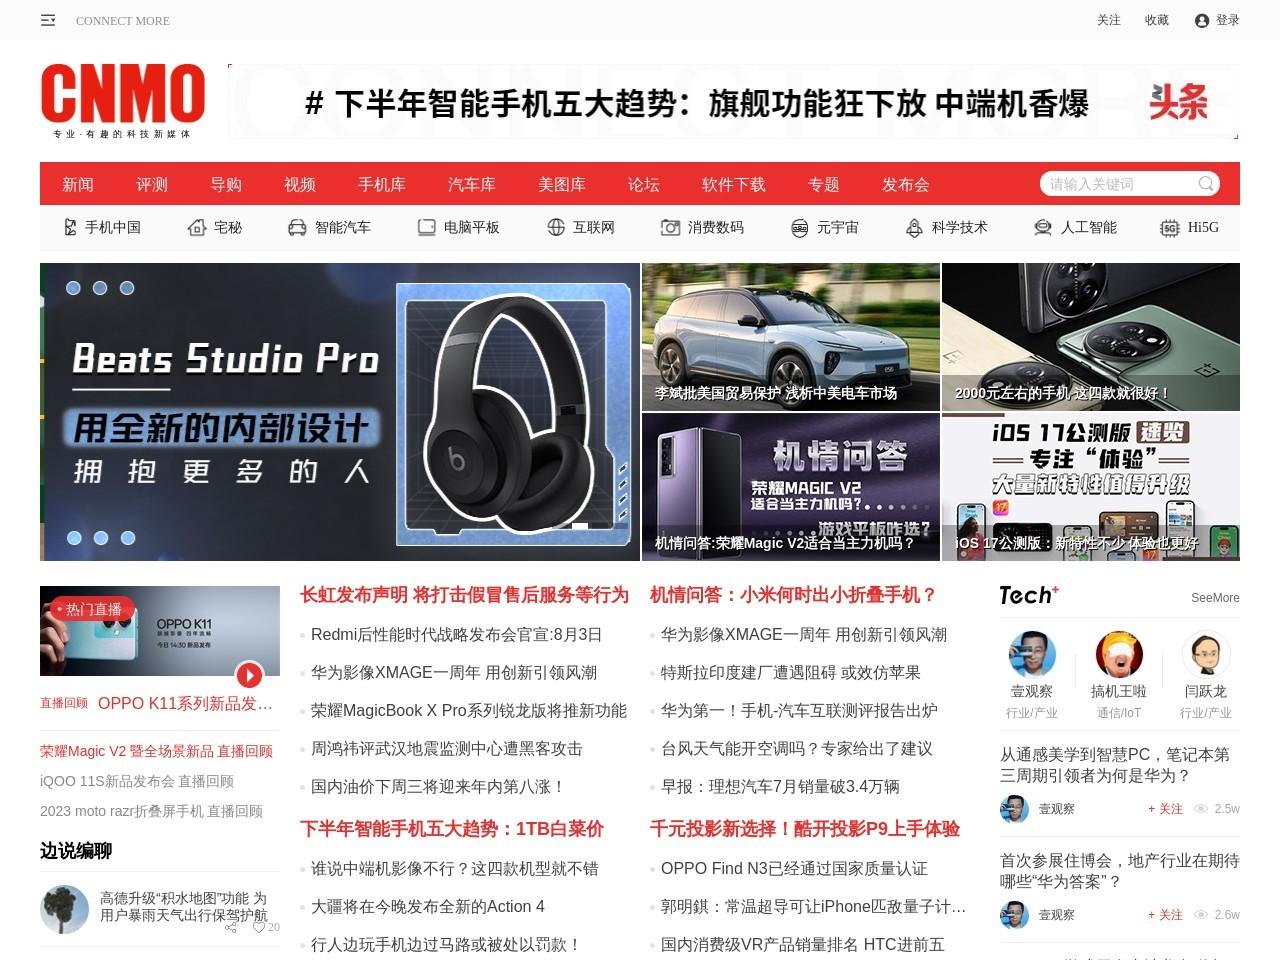 CNMO_专业.有趣的科技新媒体